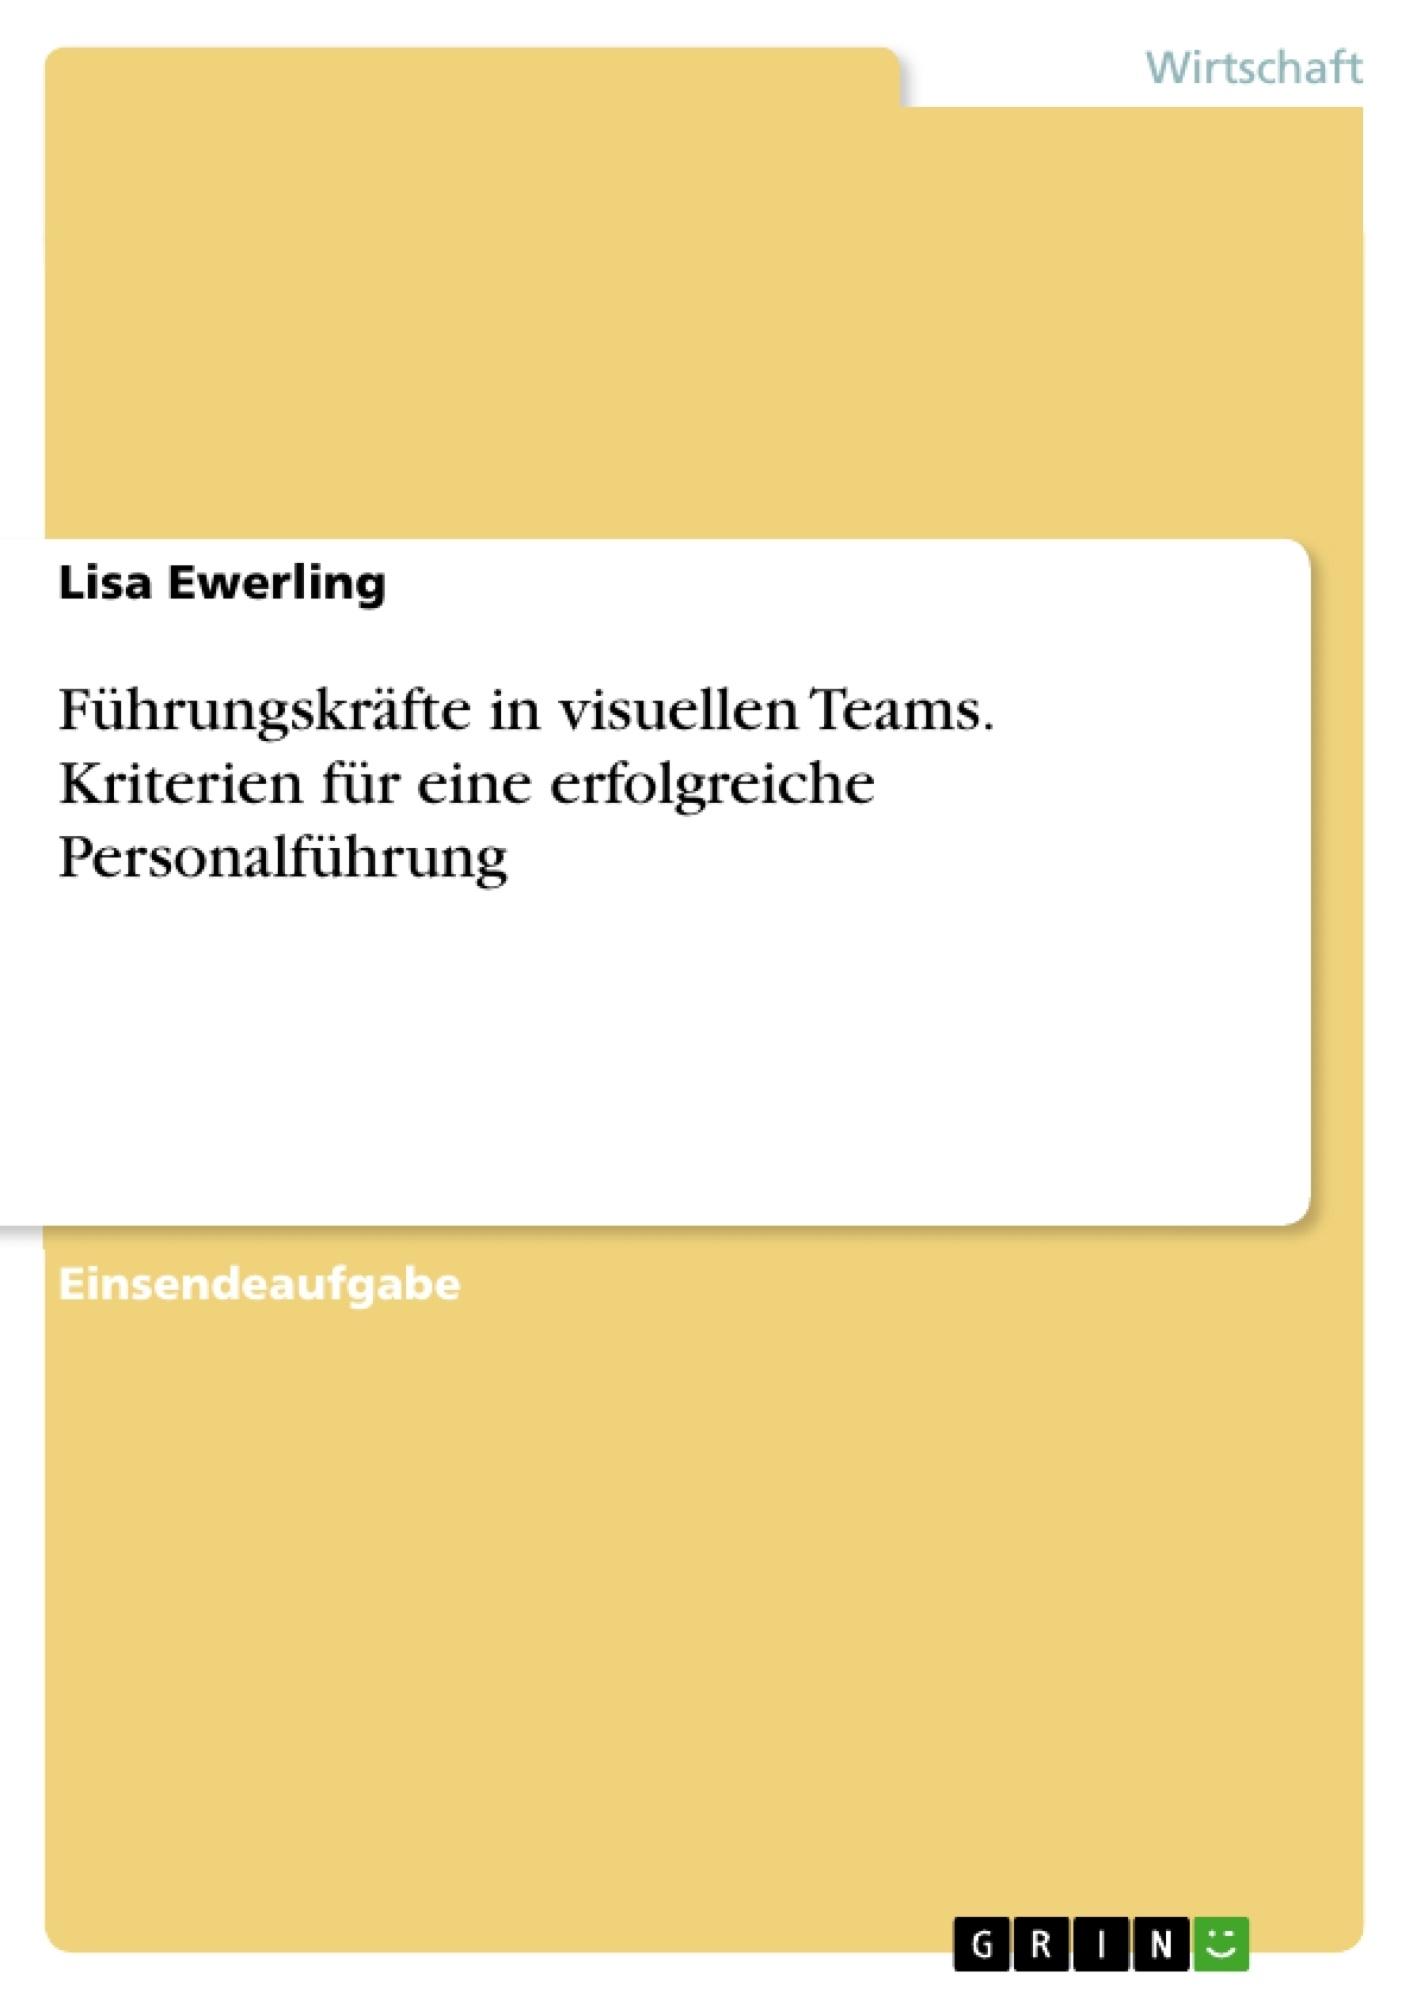 Titel: Führungskräfte in visuellen Teams. Kriterien für eine erfolgreiche Personalführung